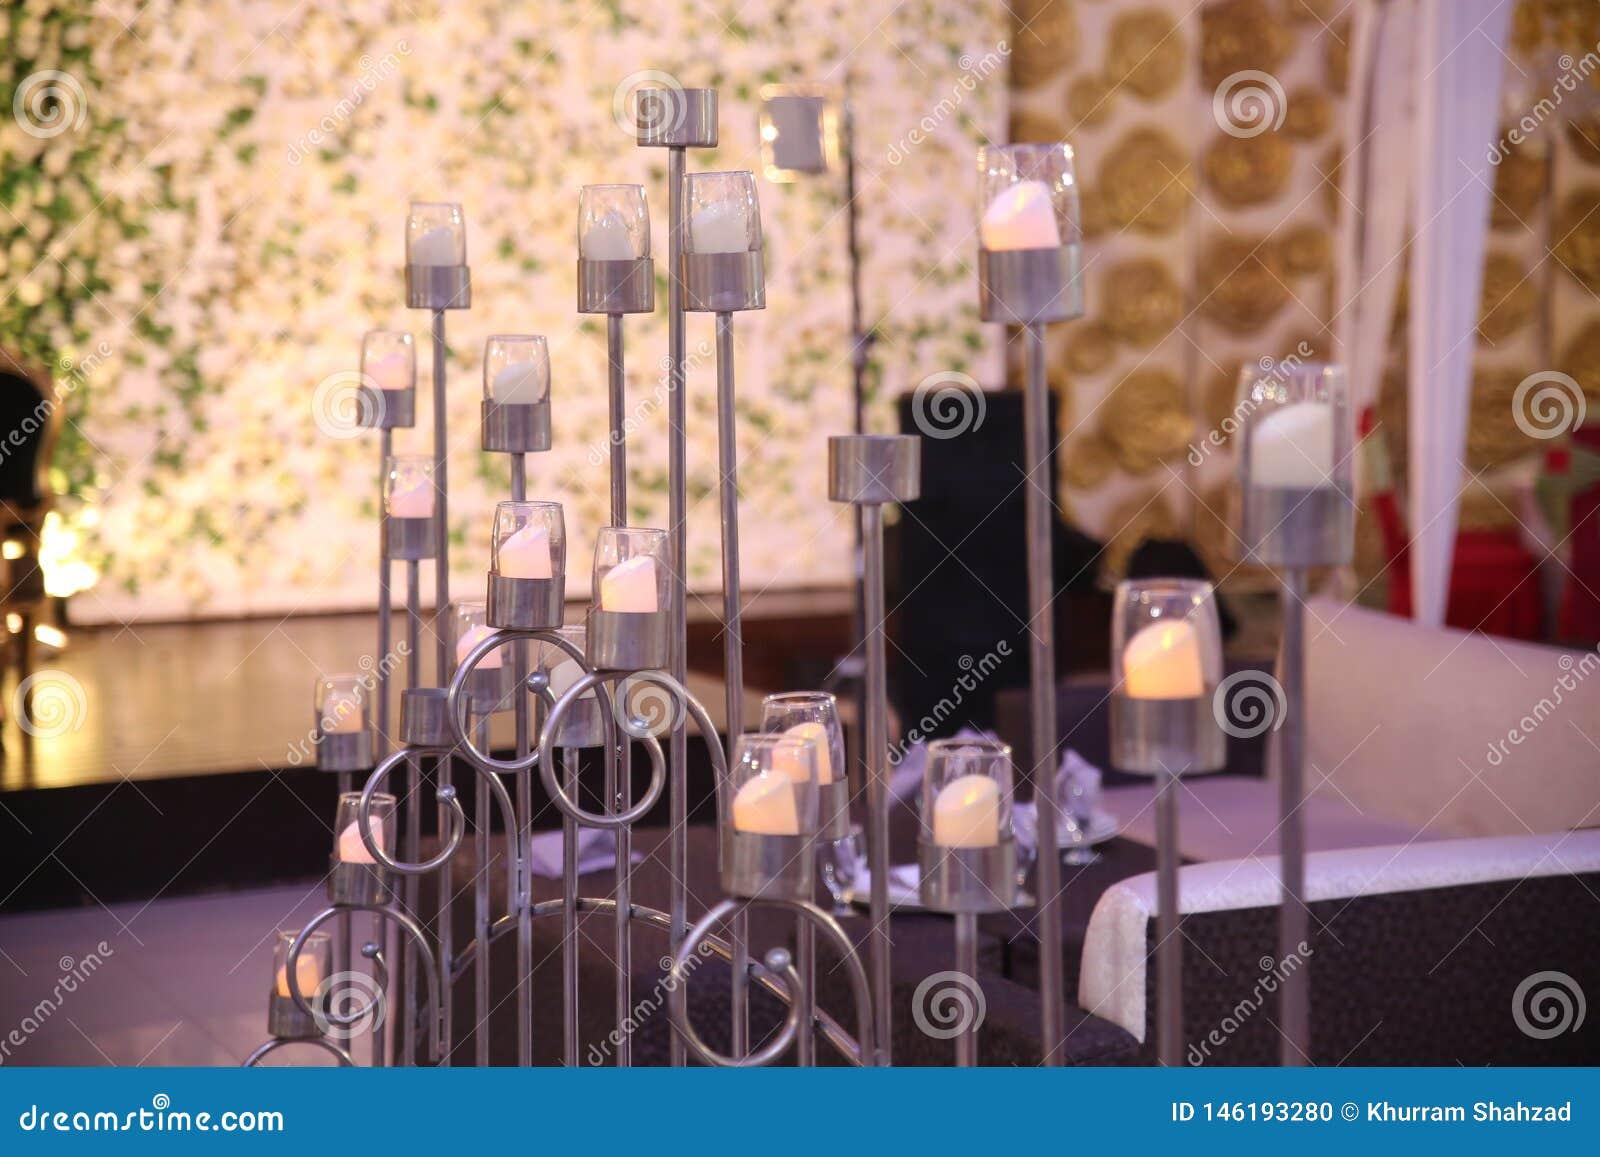 Bougie Décoration De Table épouser la bougie et les fleurs de décoration de table photo